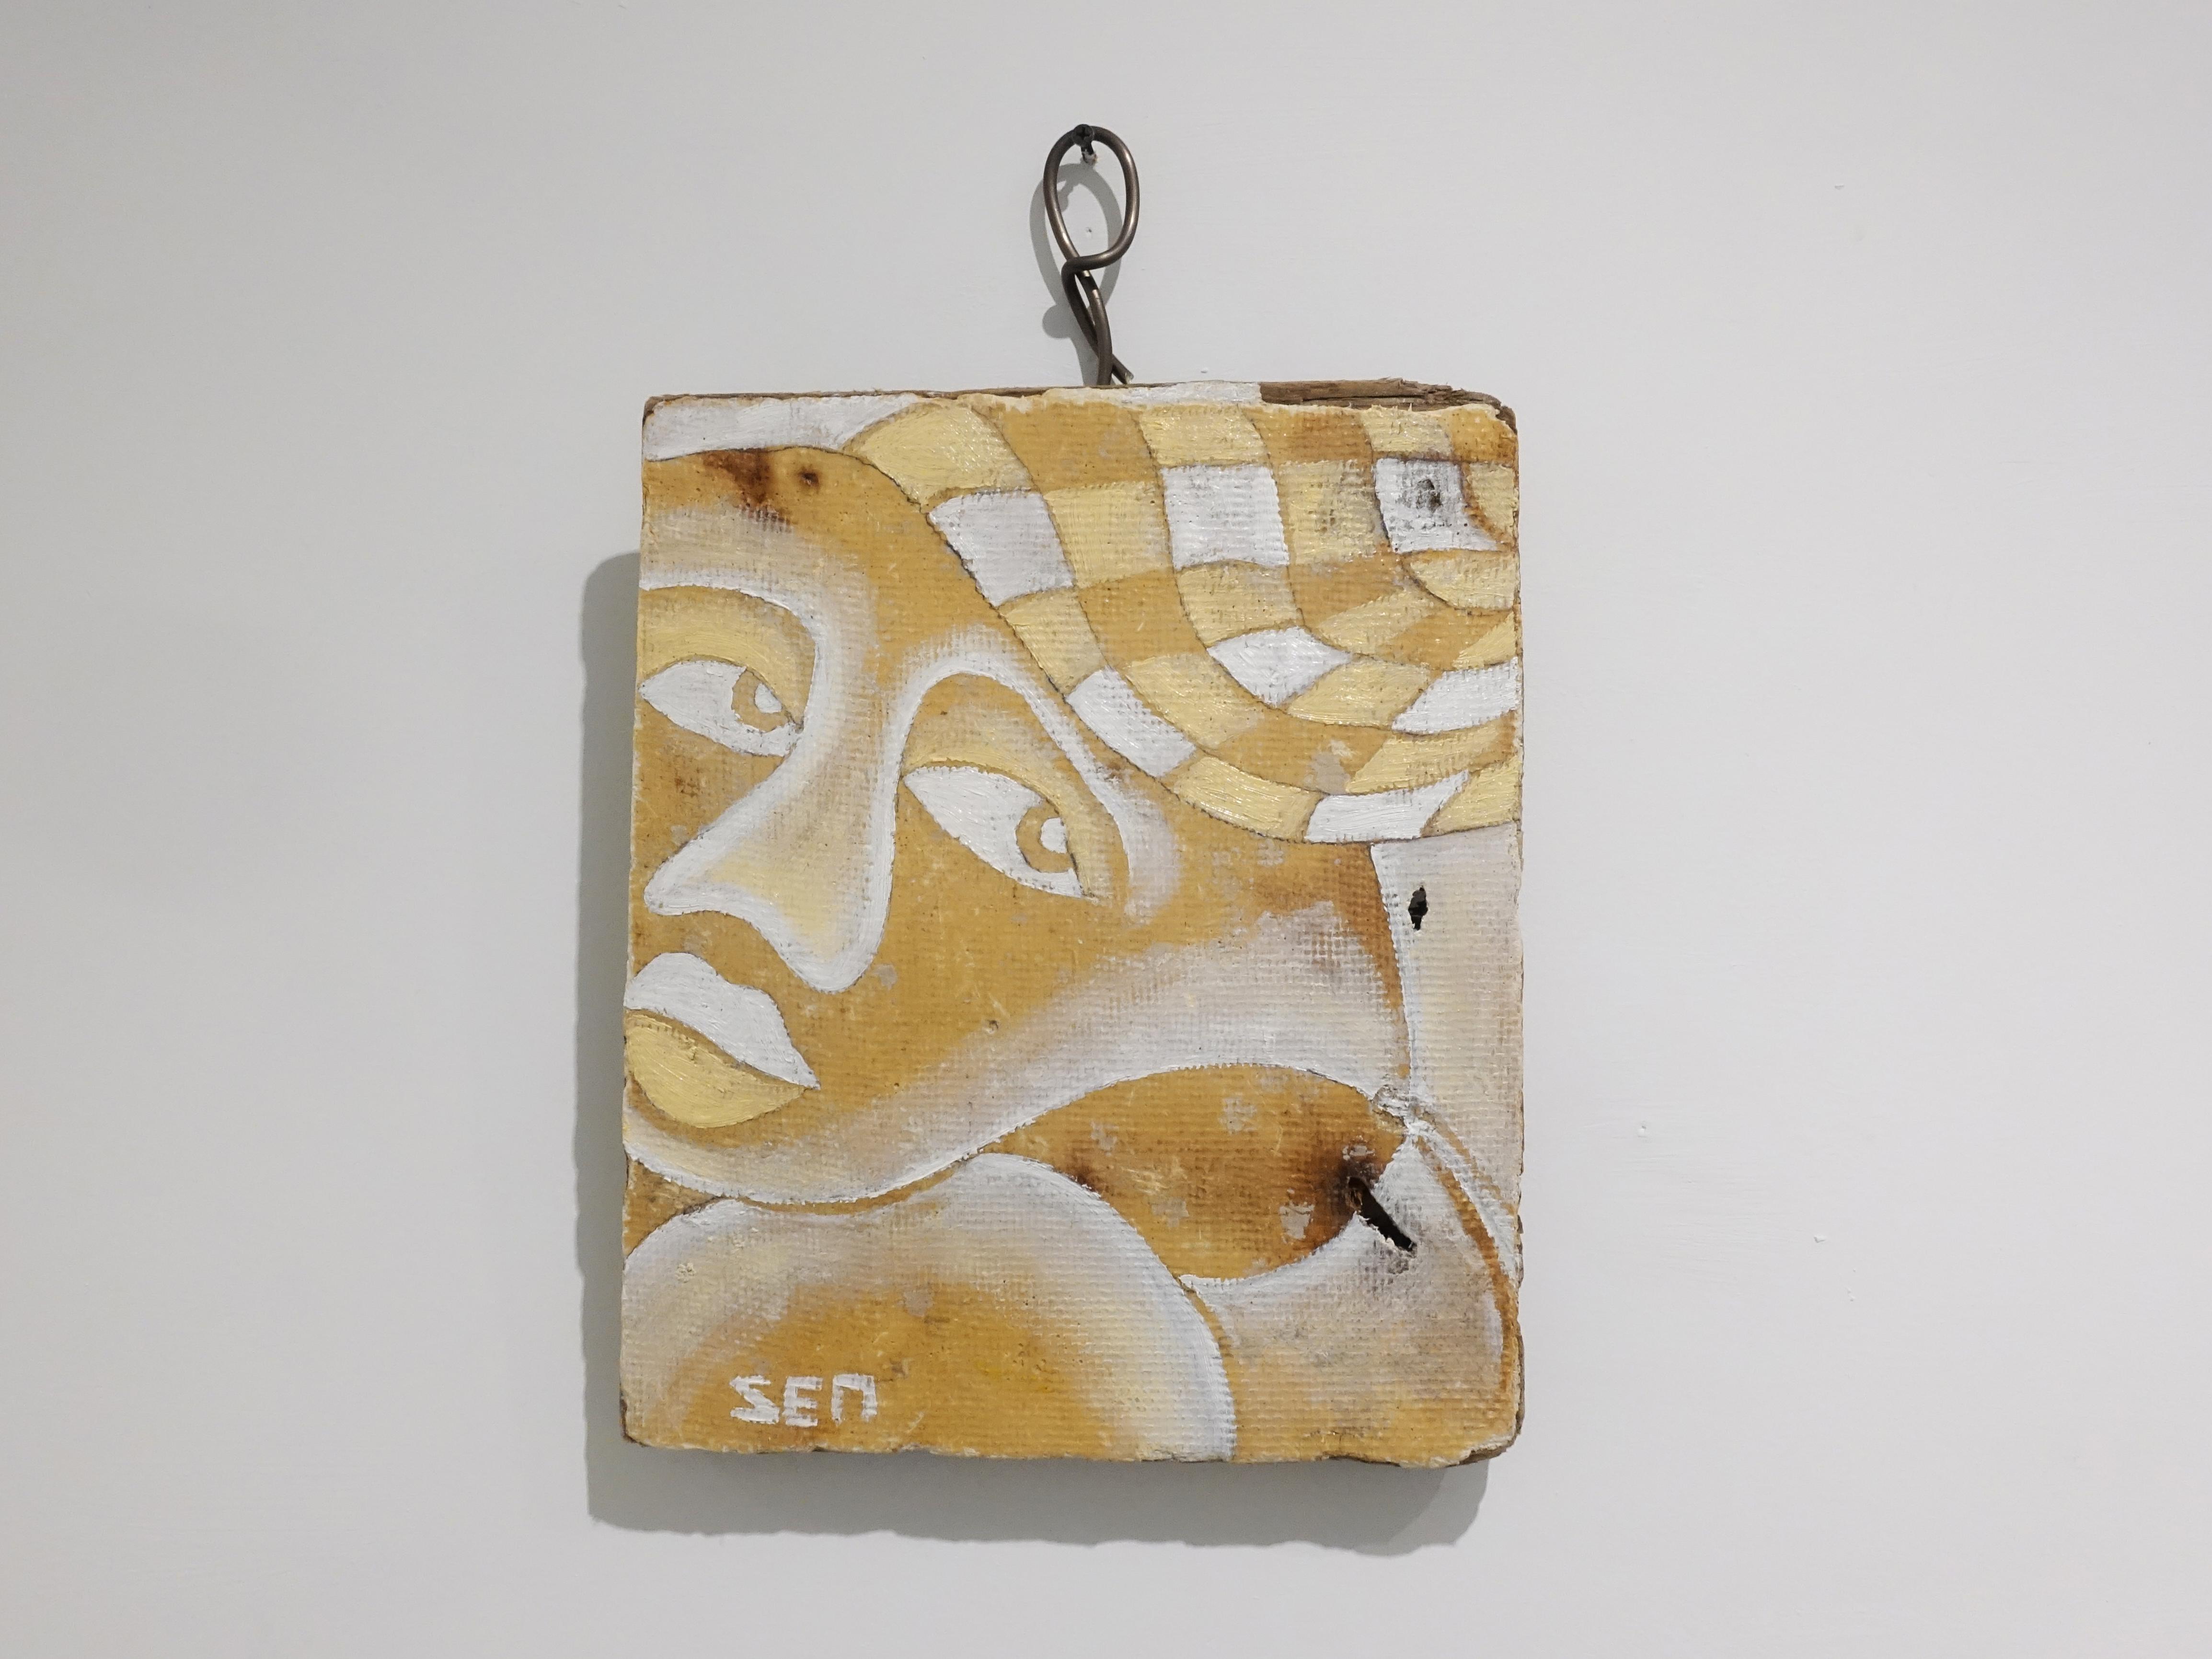 楊樹森,《飄》,36 x 29 x 3 cm,漂木油彩,2019。